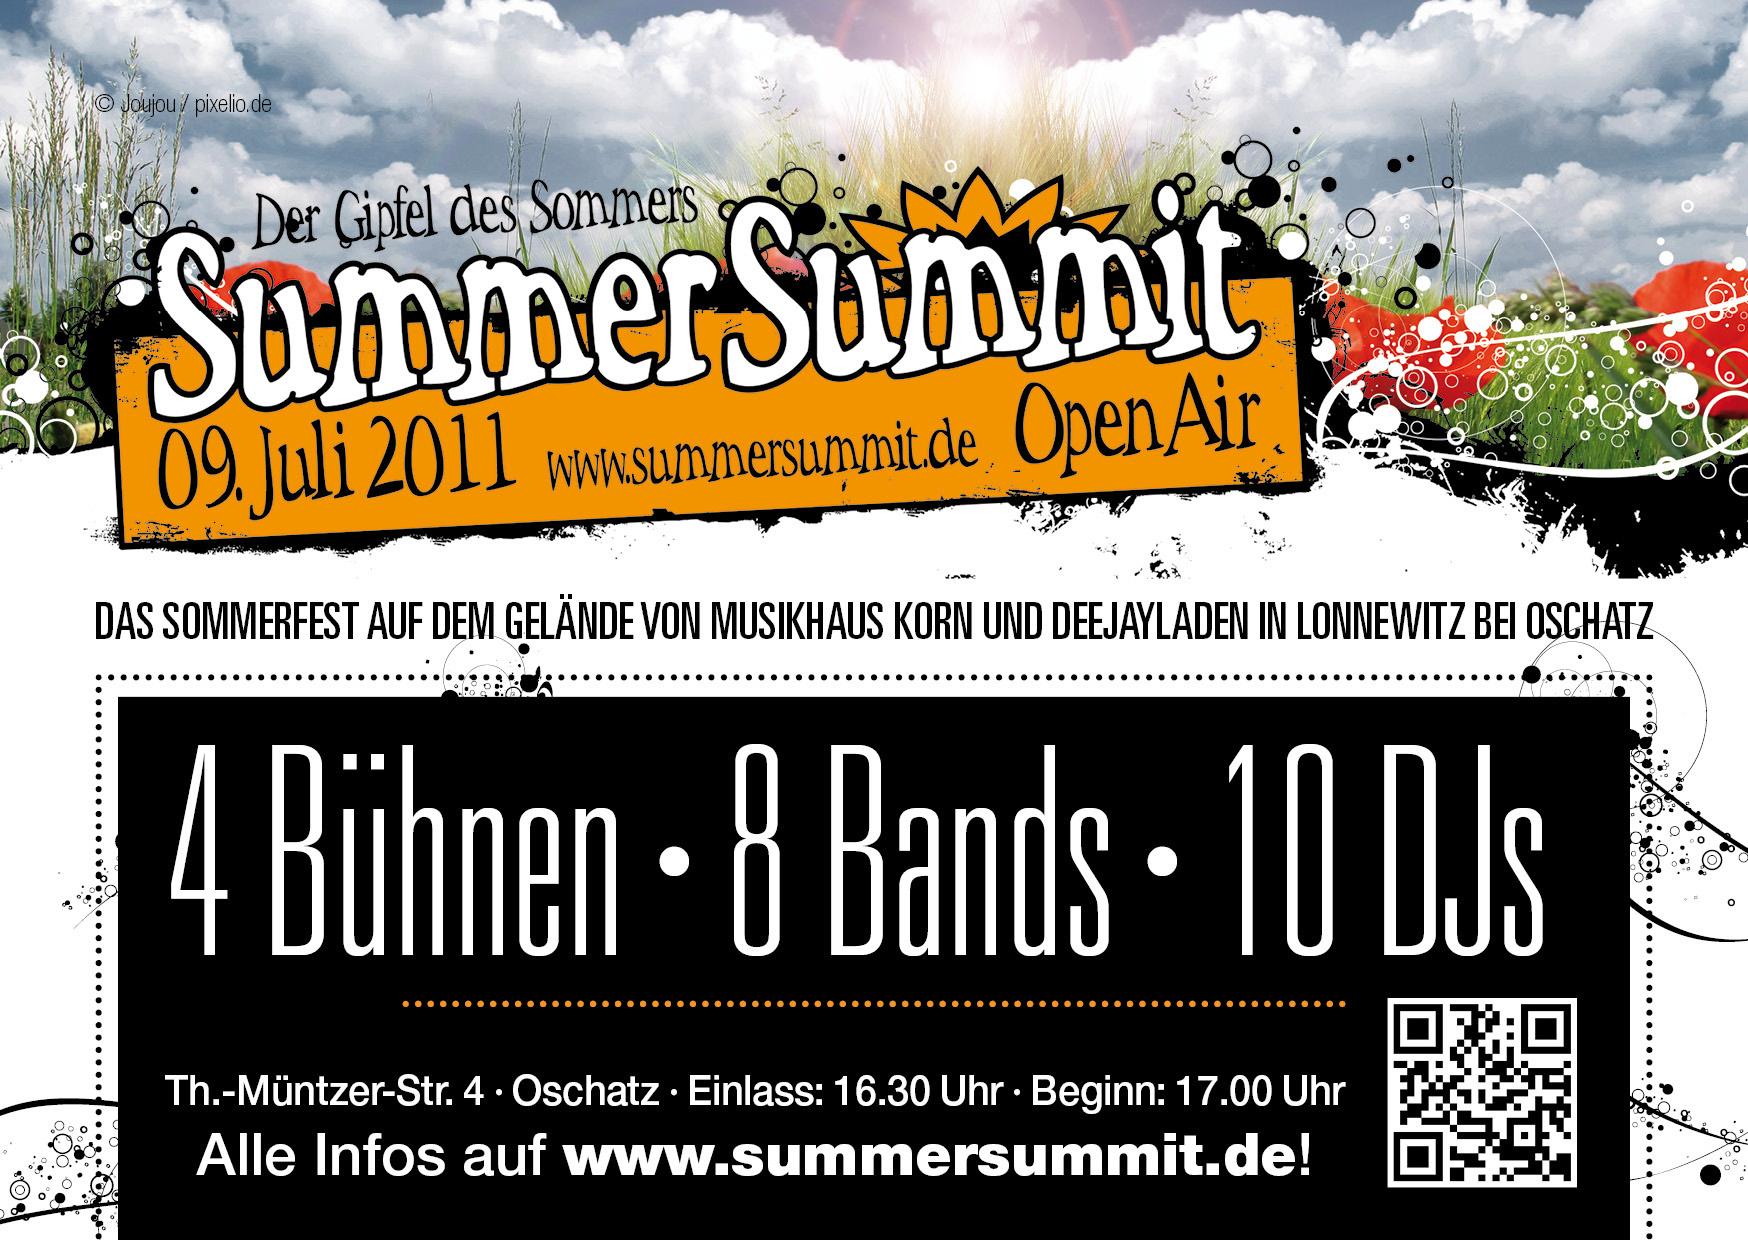 Flyer_V SummerSummit OpenAir 2011 - 09.07.2011 Oschatz